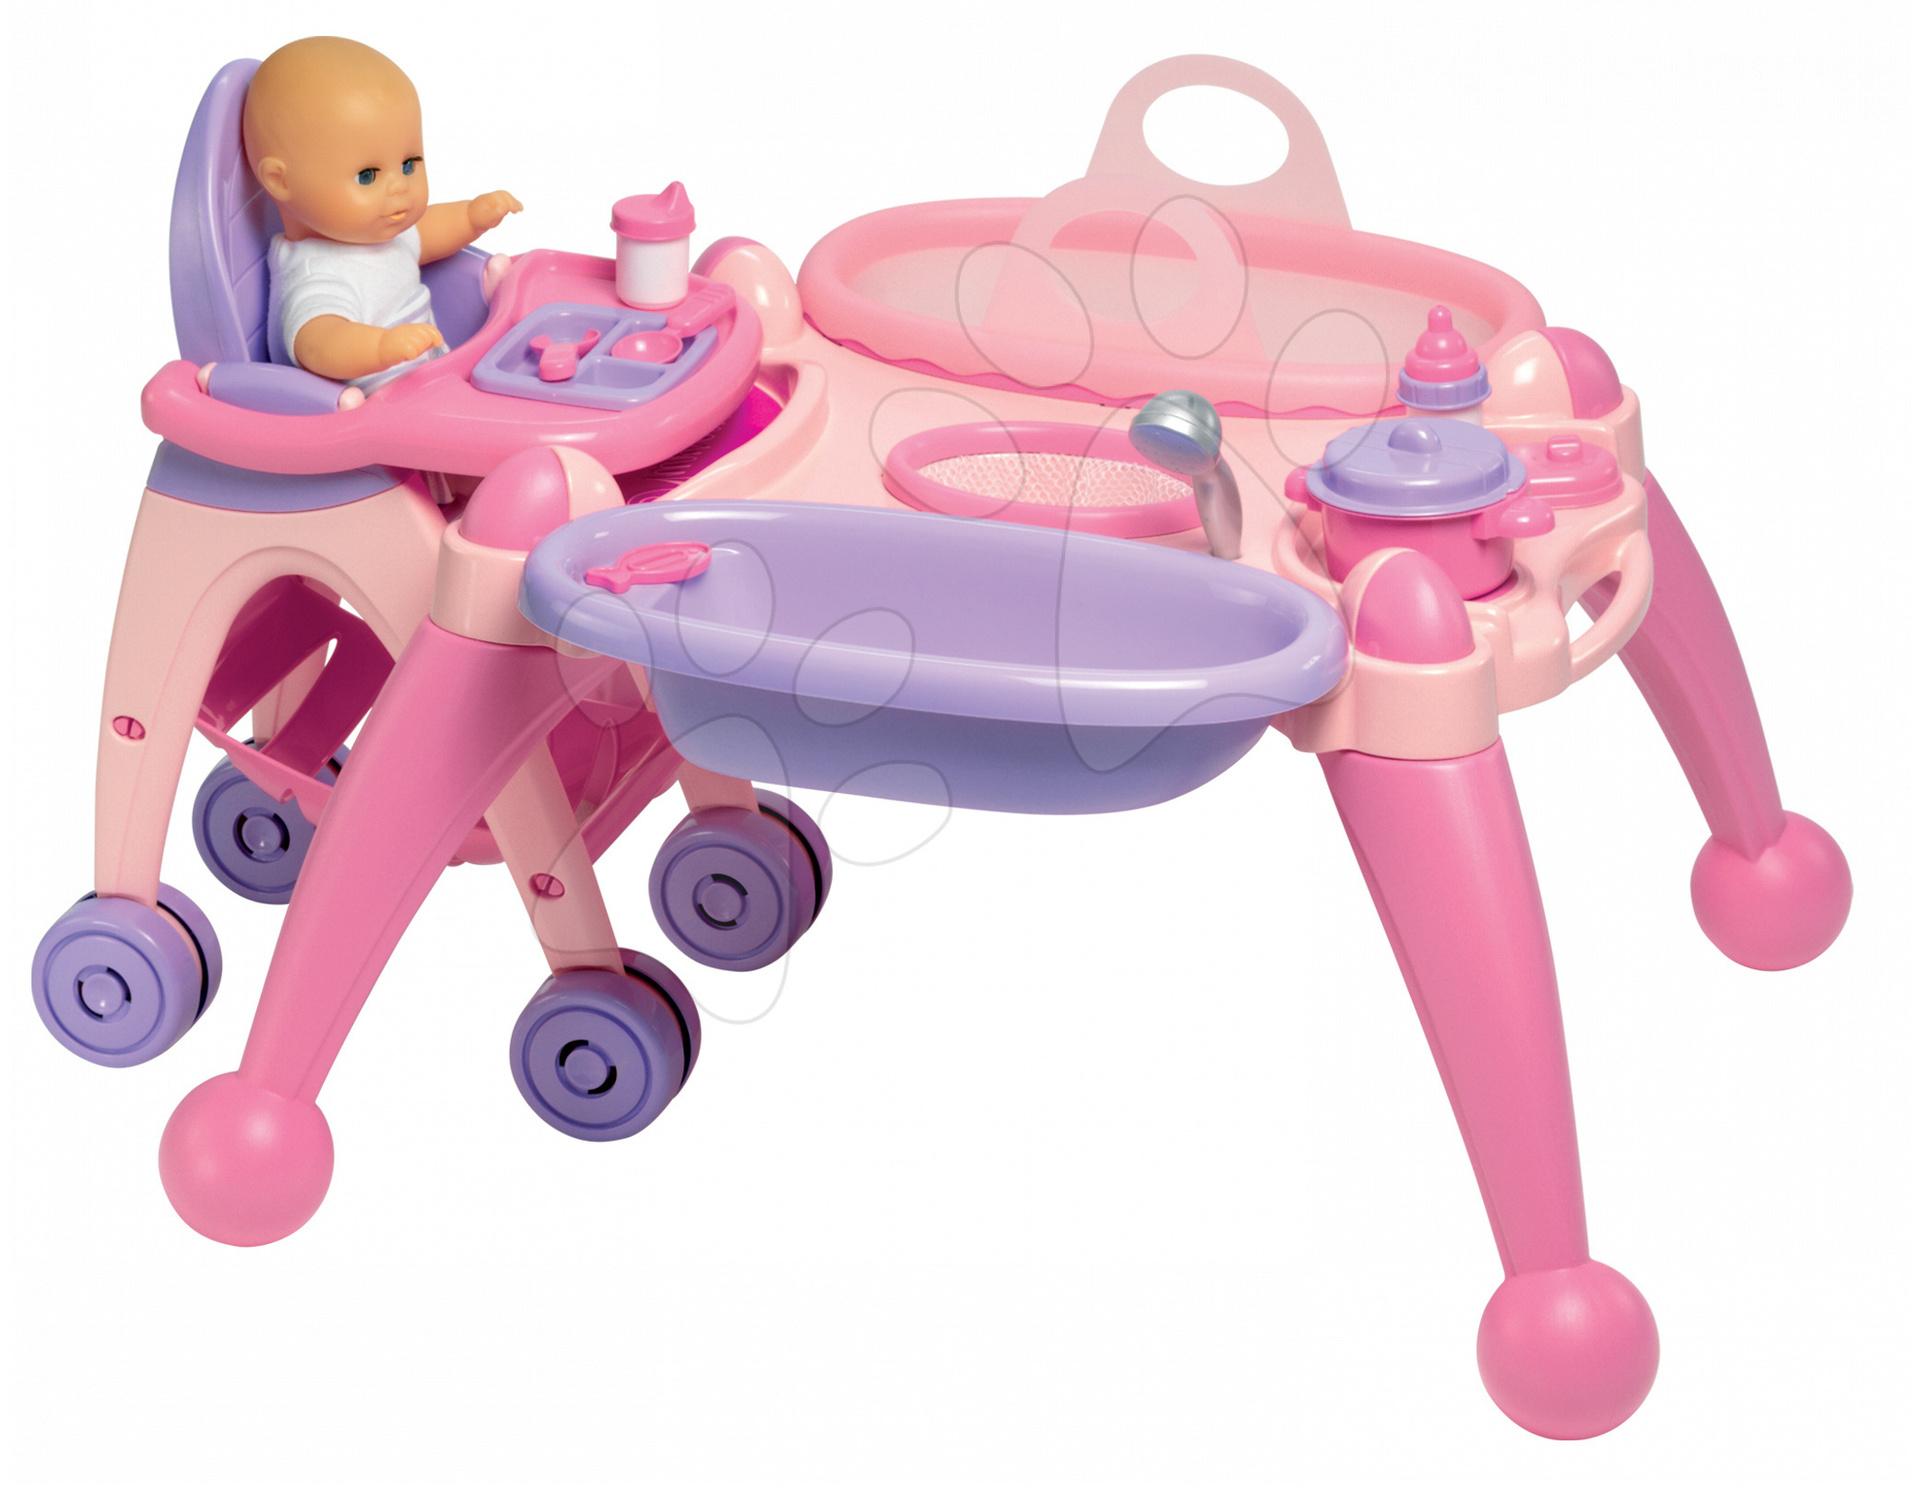 Přebalovací stolek pro panenku Écoiffier se židlí, panenkou a 13 doplňky od 18 měsíců